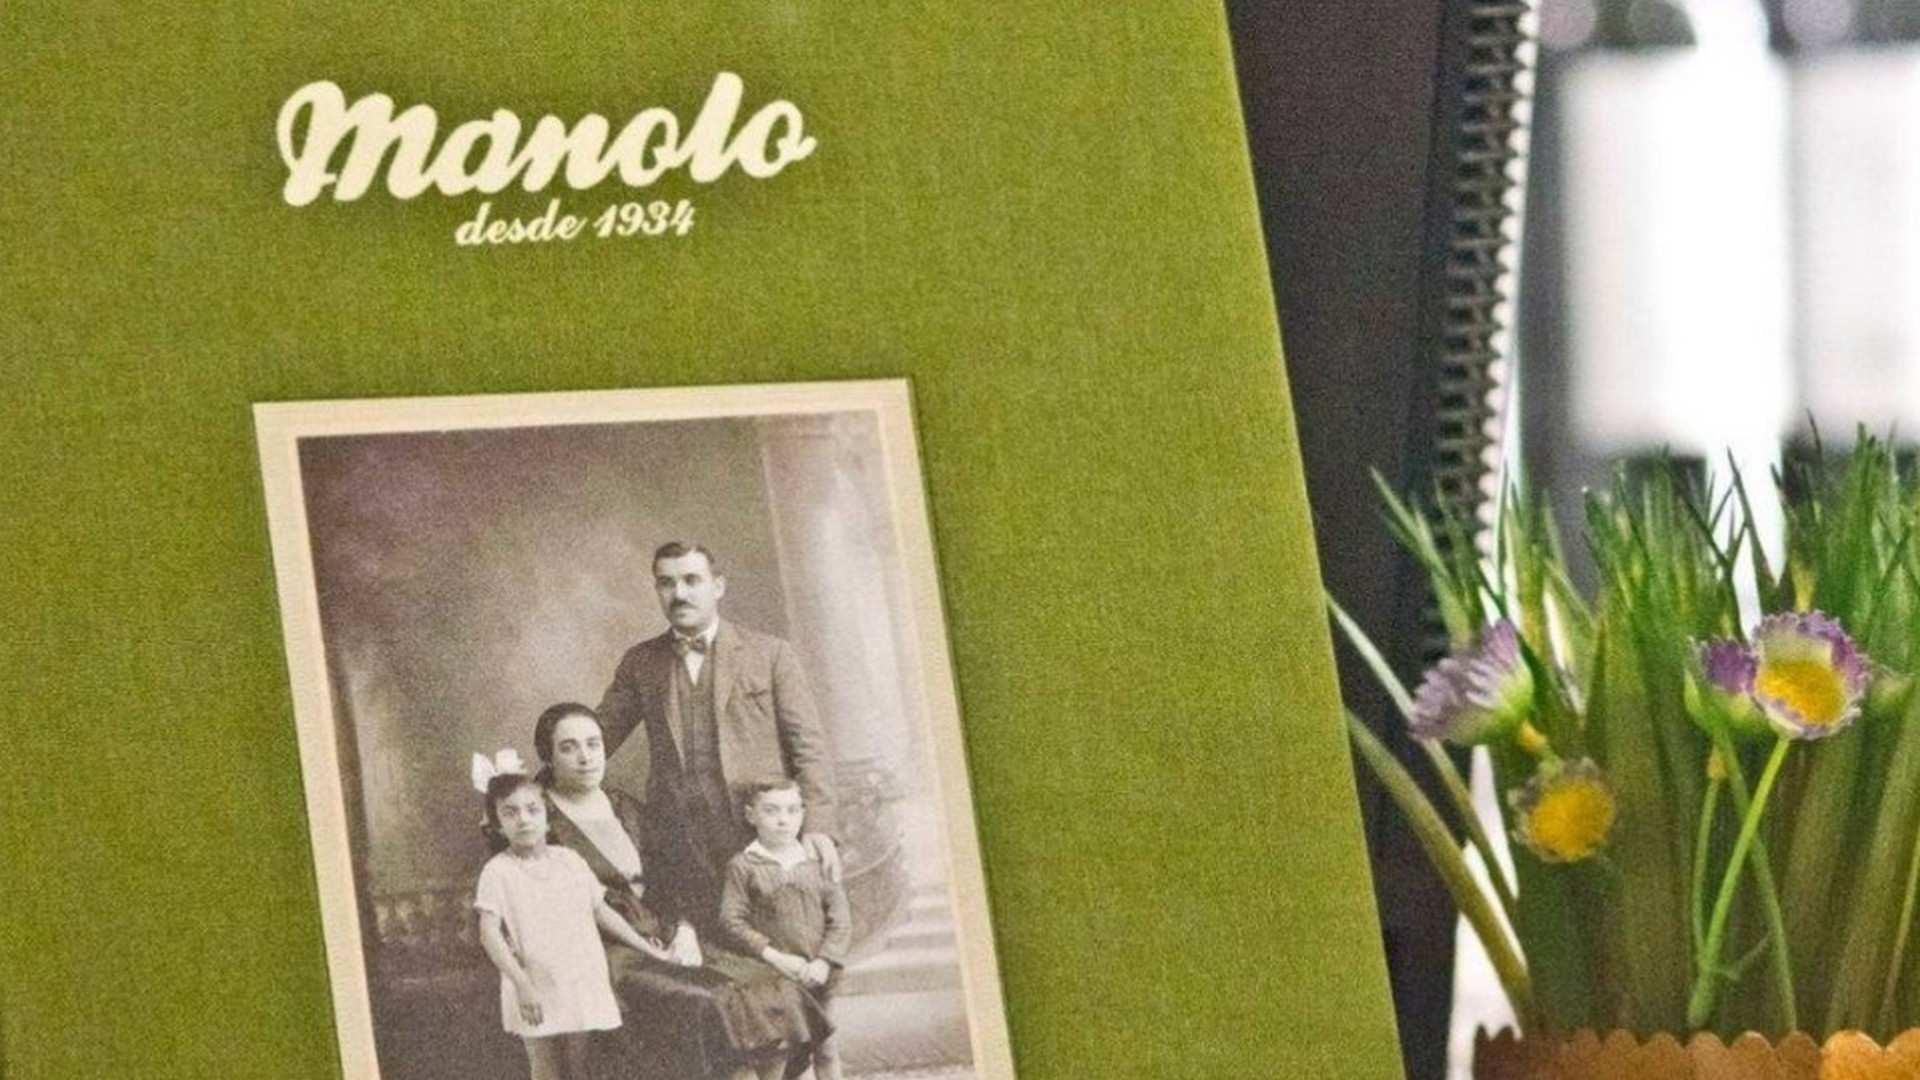 Manolo 1934, un referente gastronómico de la cocina tradicional en Madrid